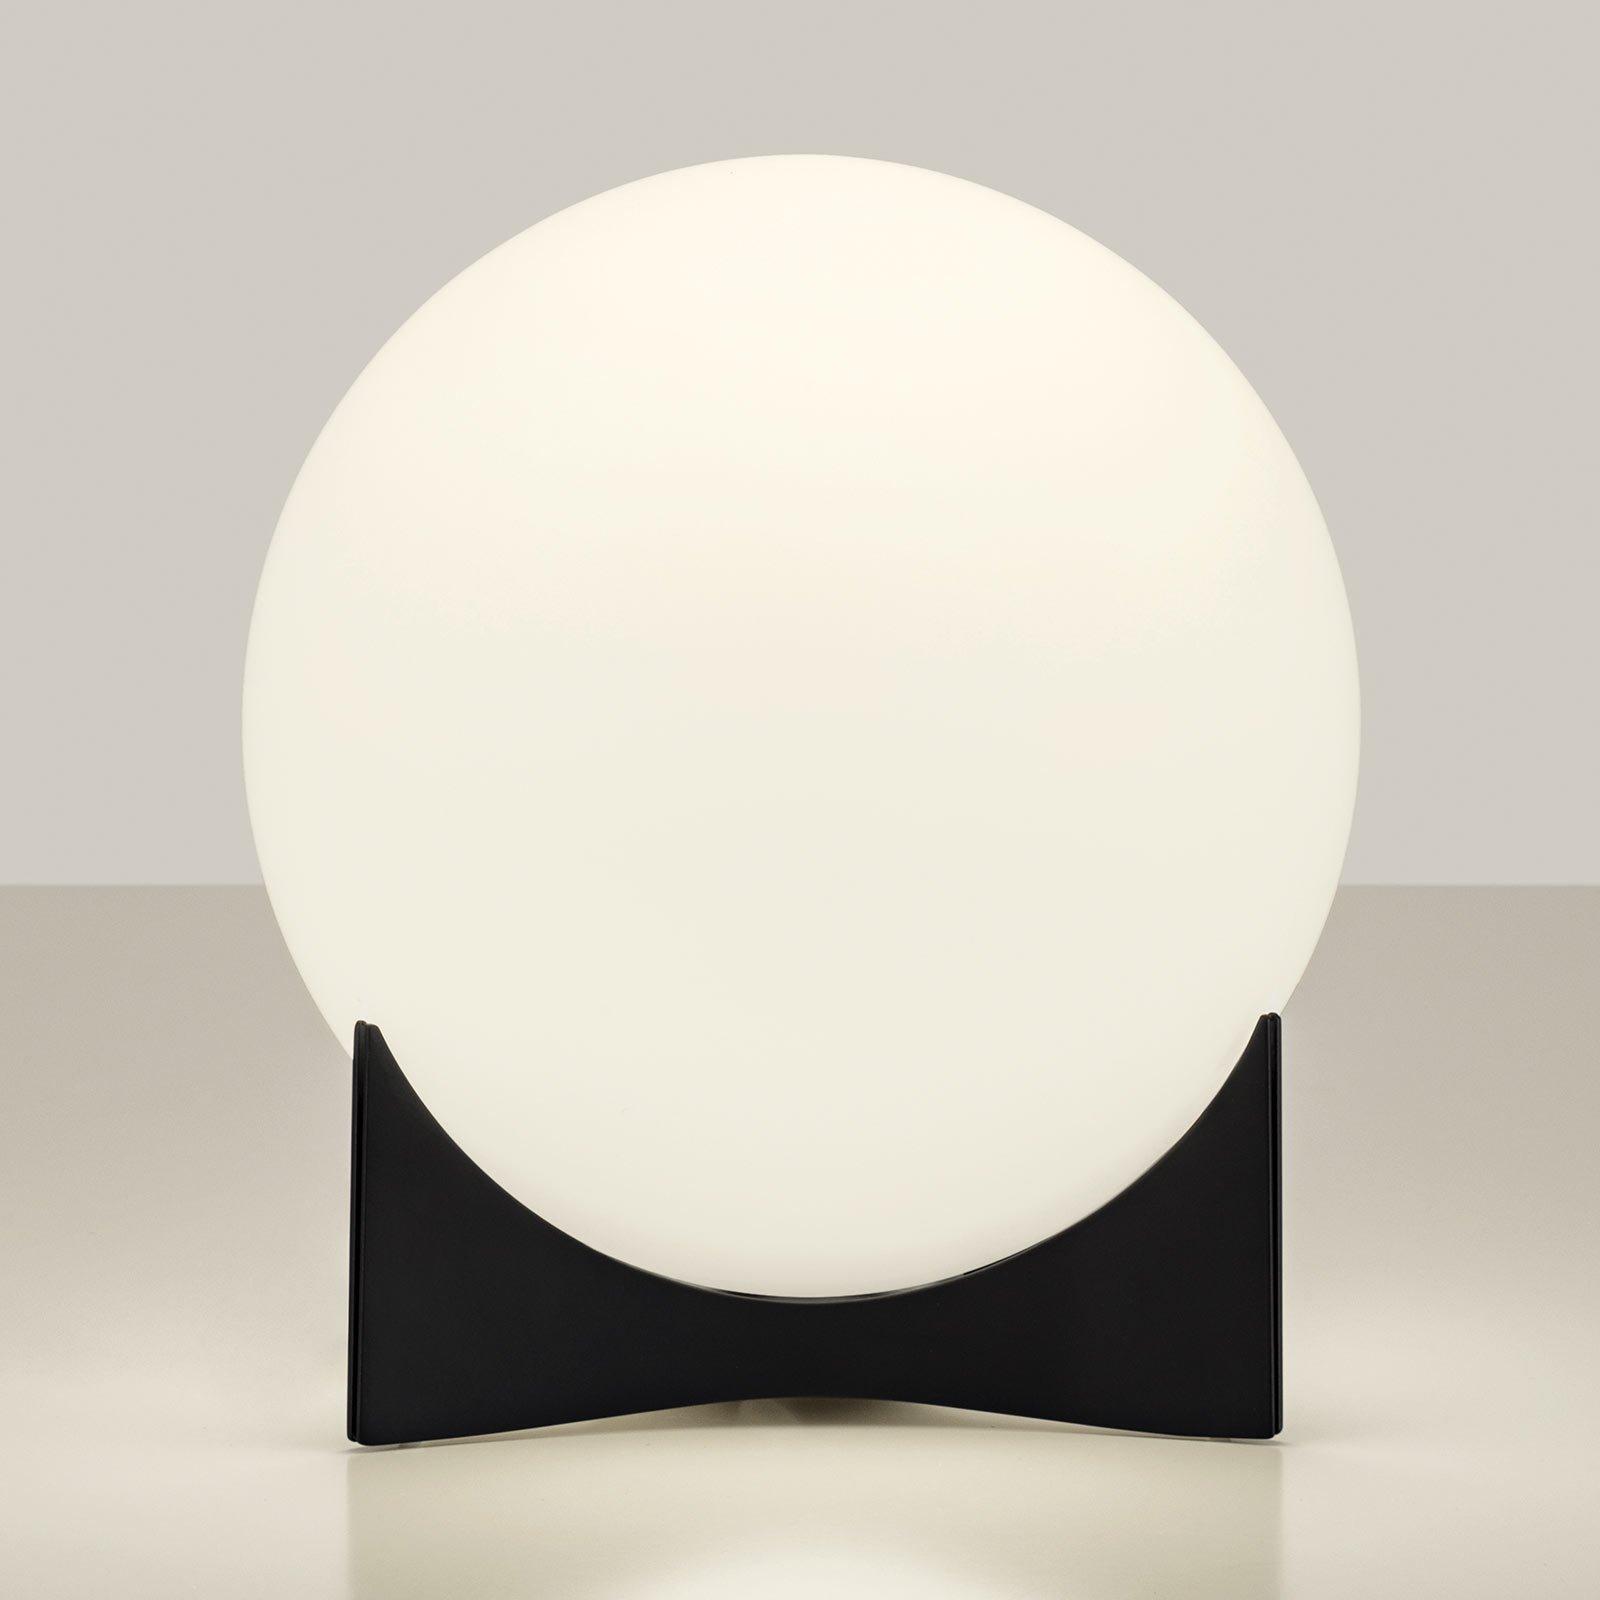 Terzani Oscar bordlampe av glass, svart